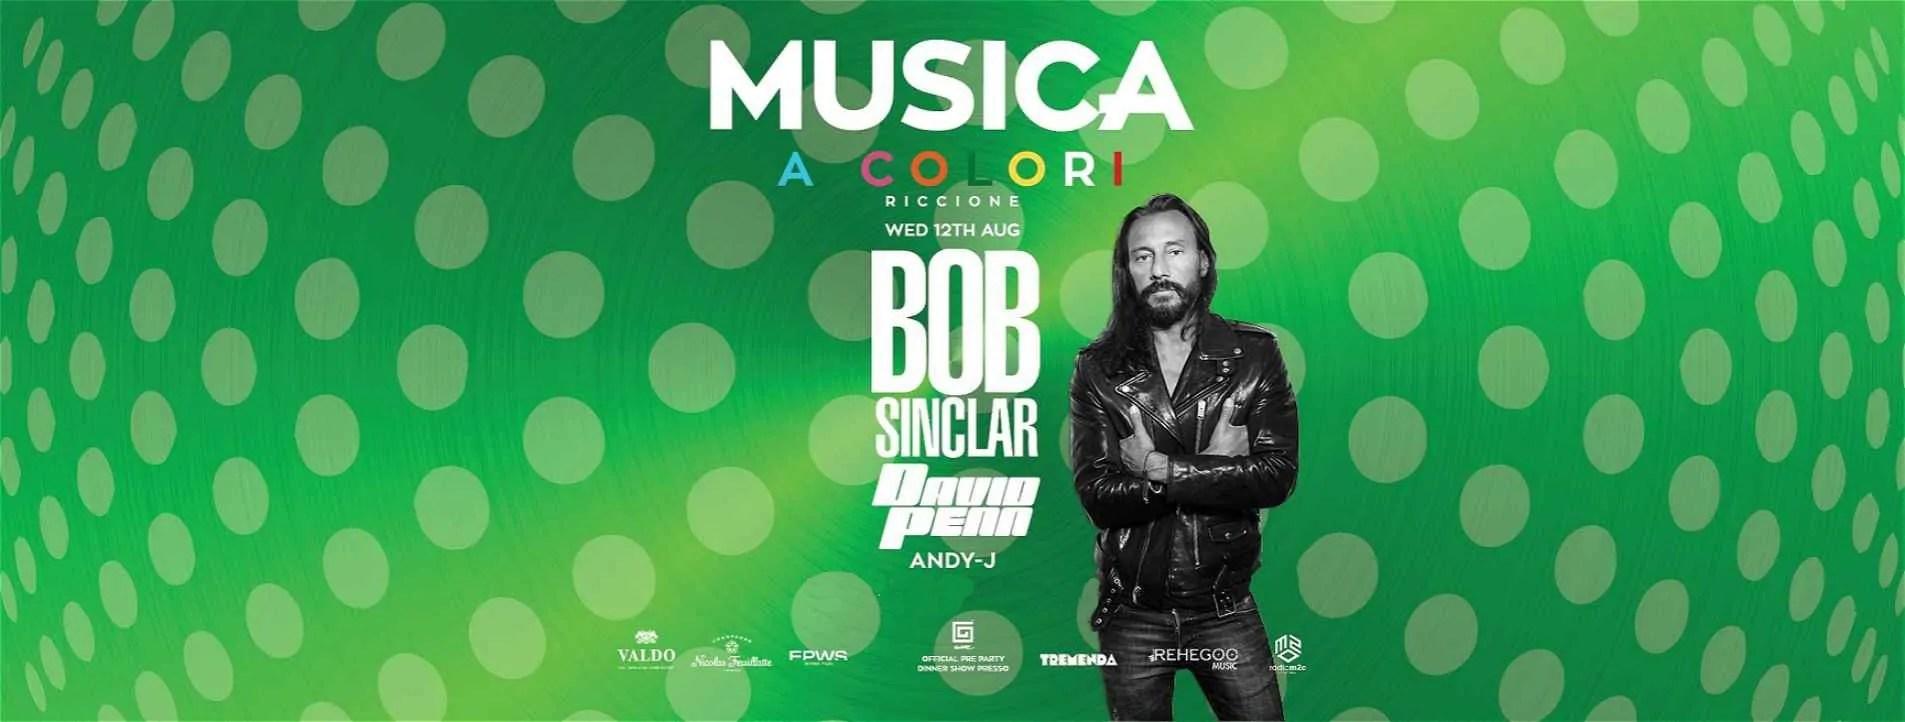 BOB SINCLAR MUSICA RICCIONE 12 08 2020